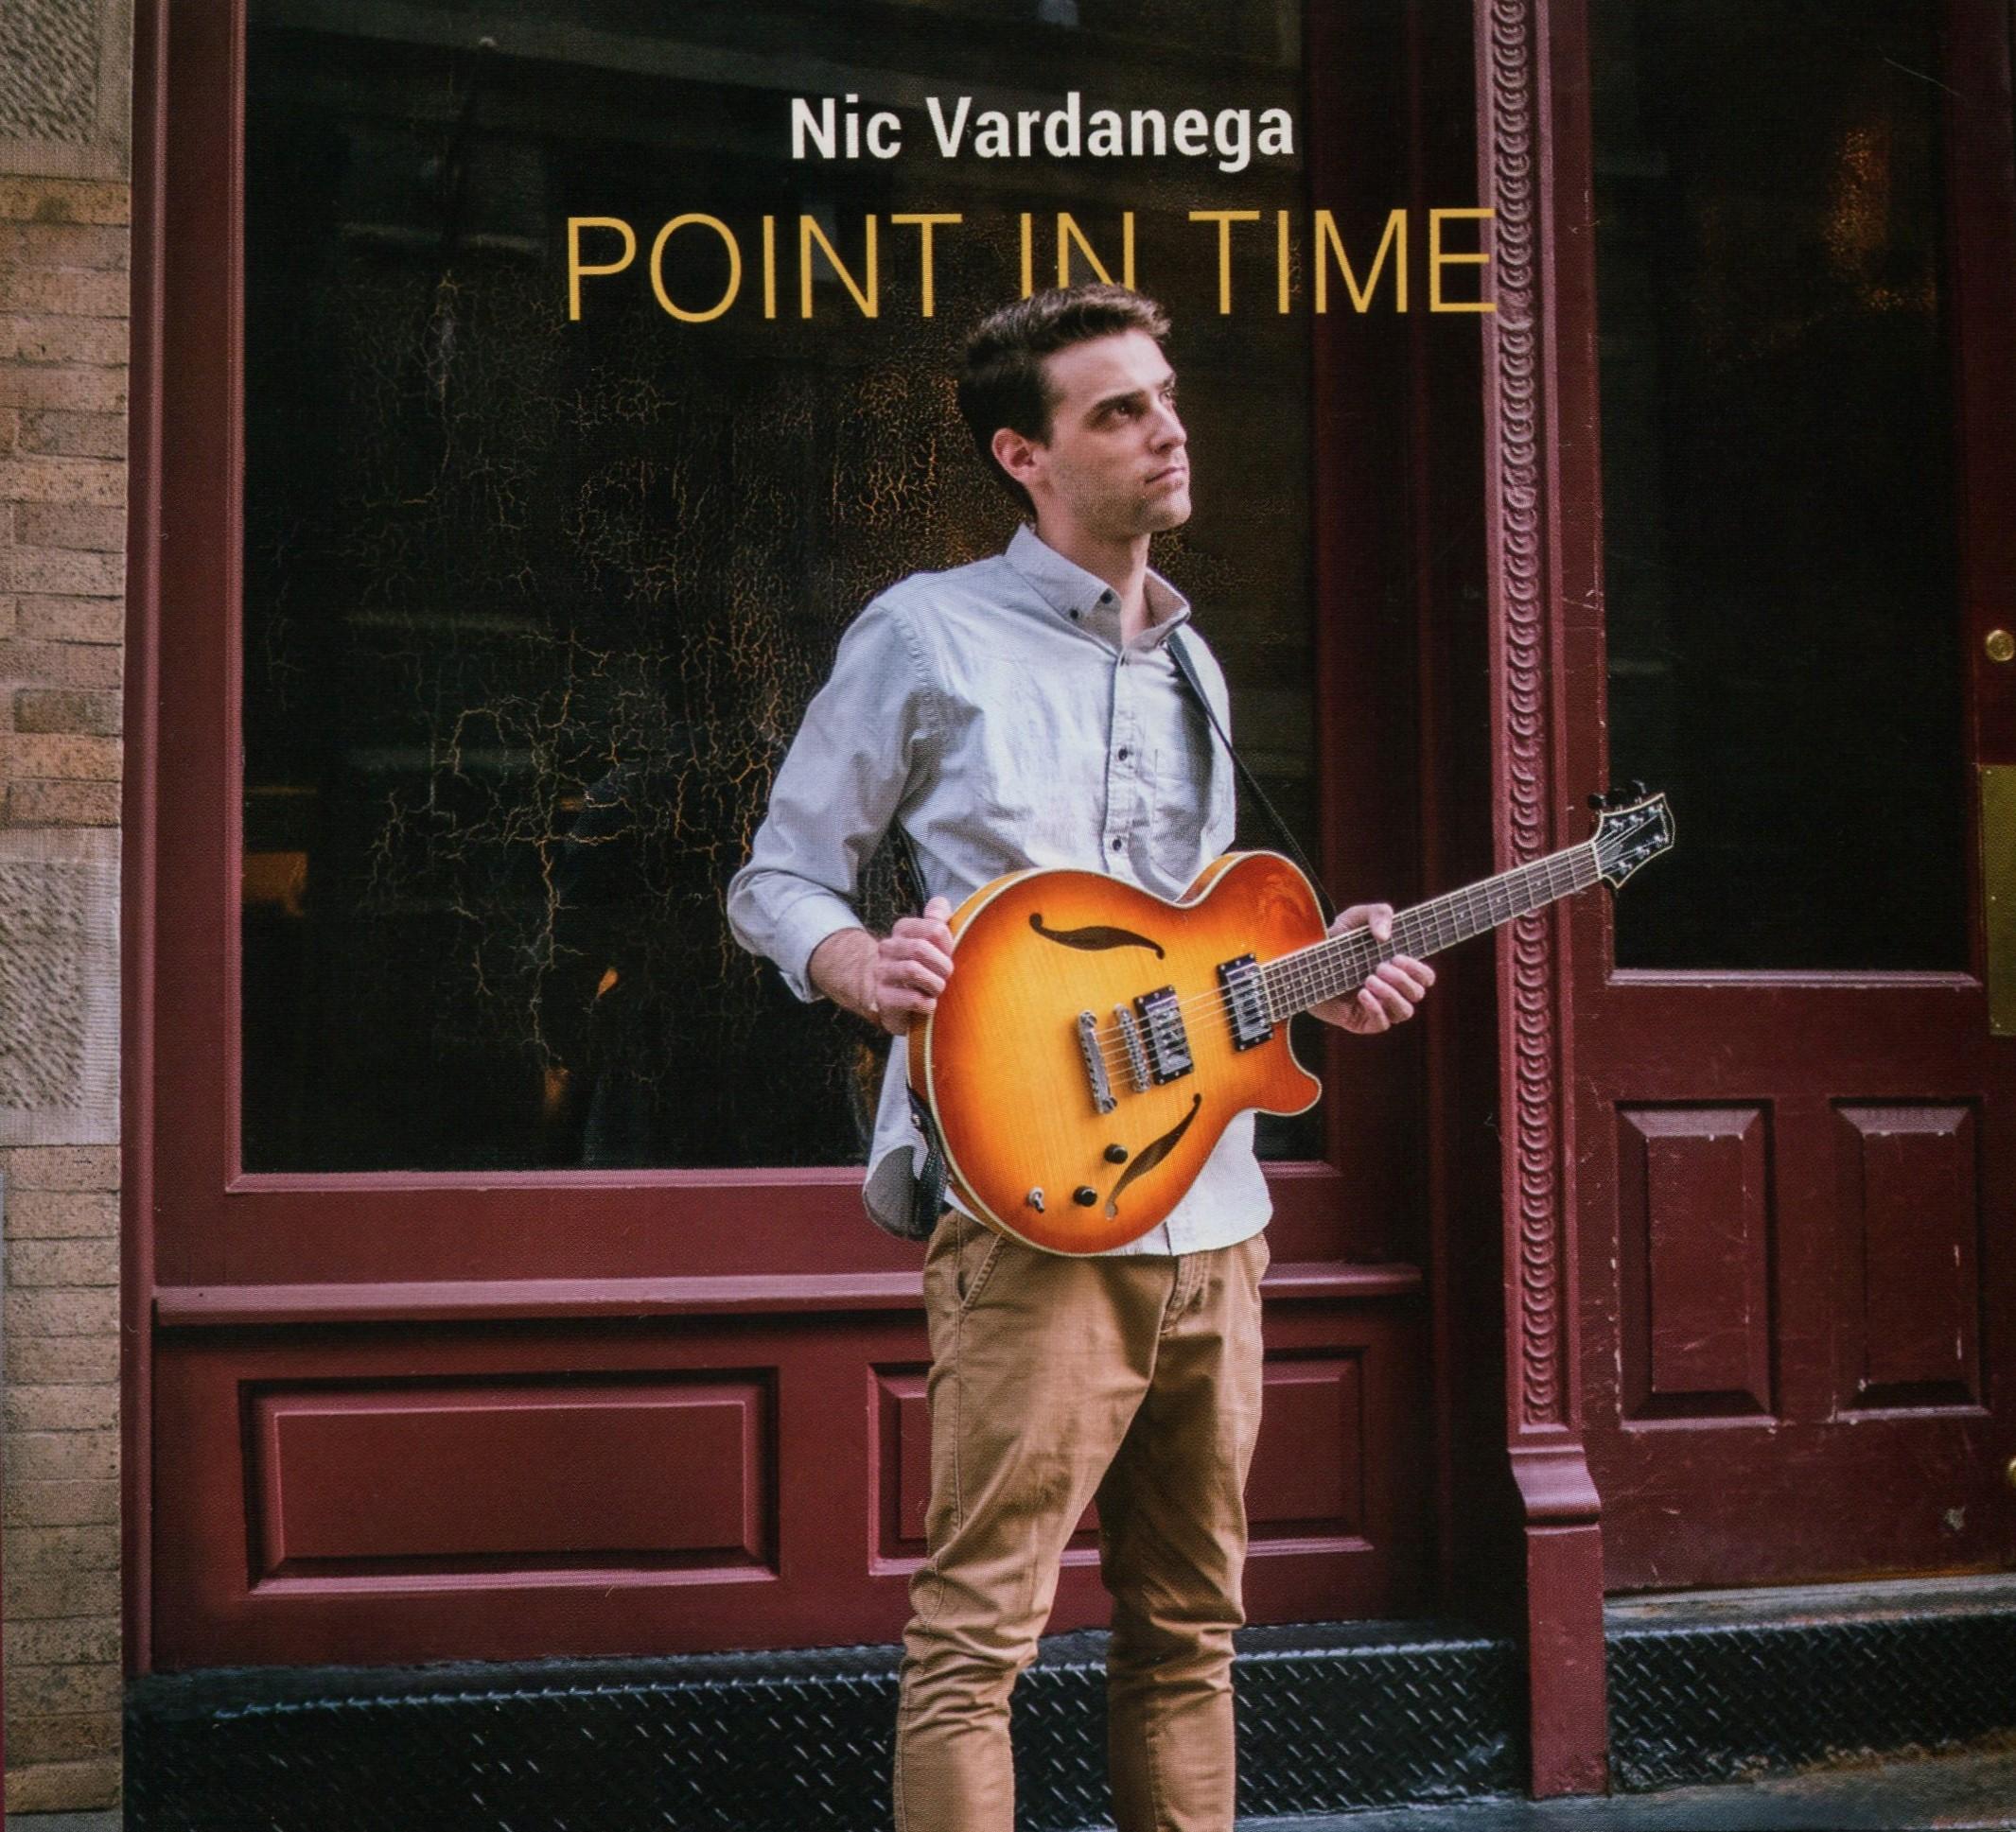 VardanegaNicPointInTime.jpg